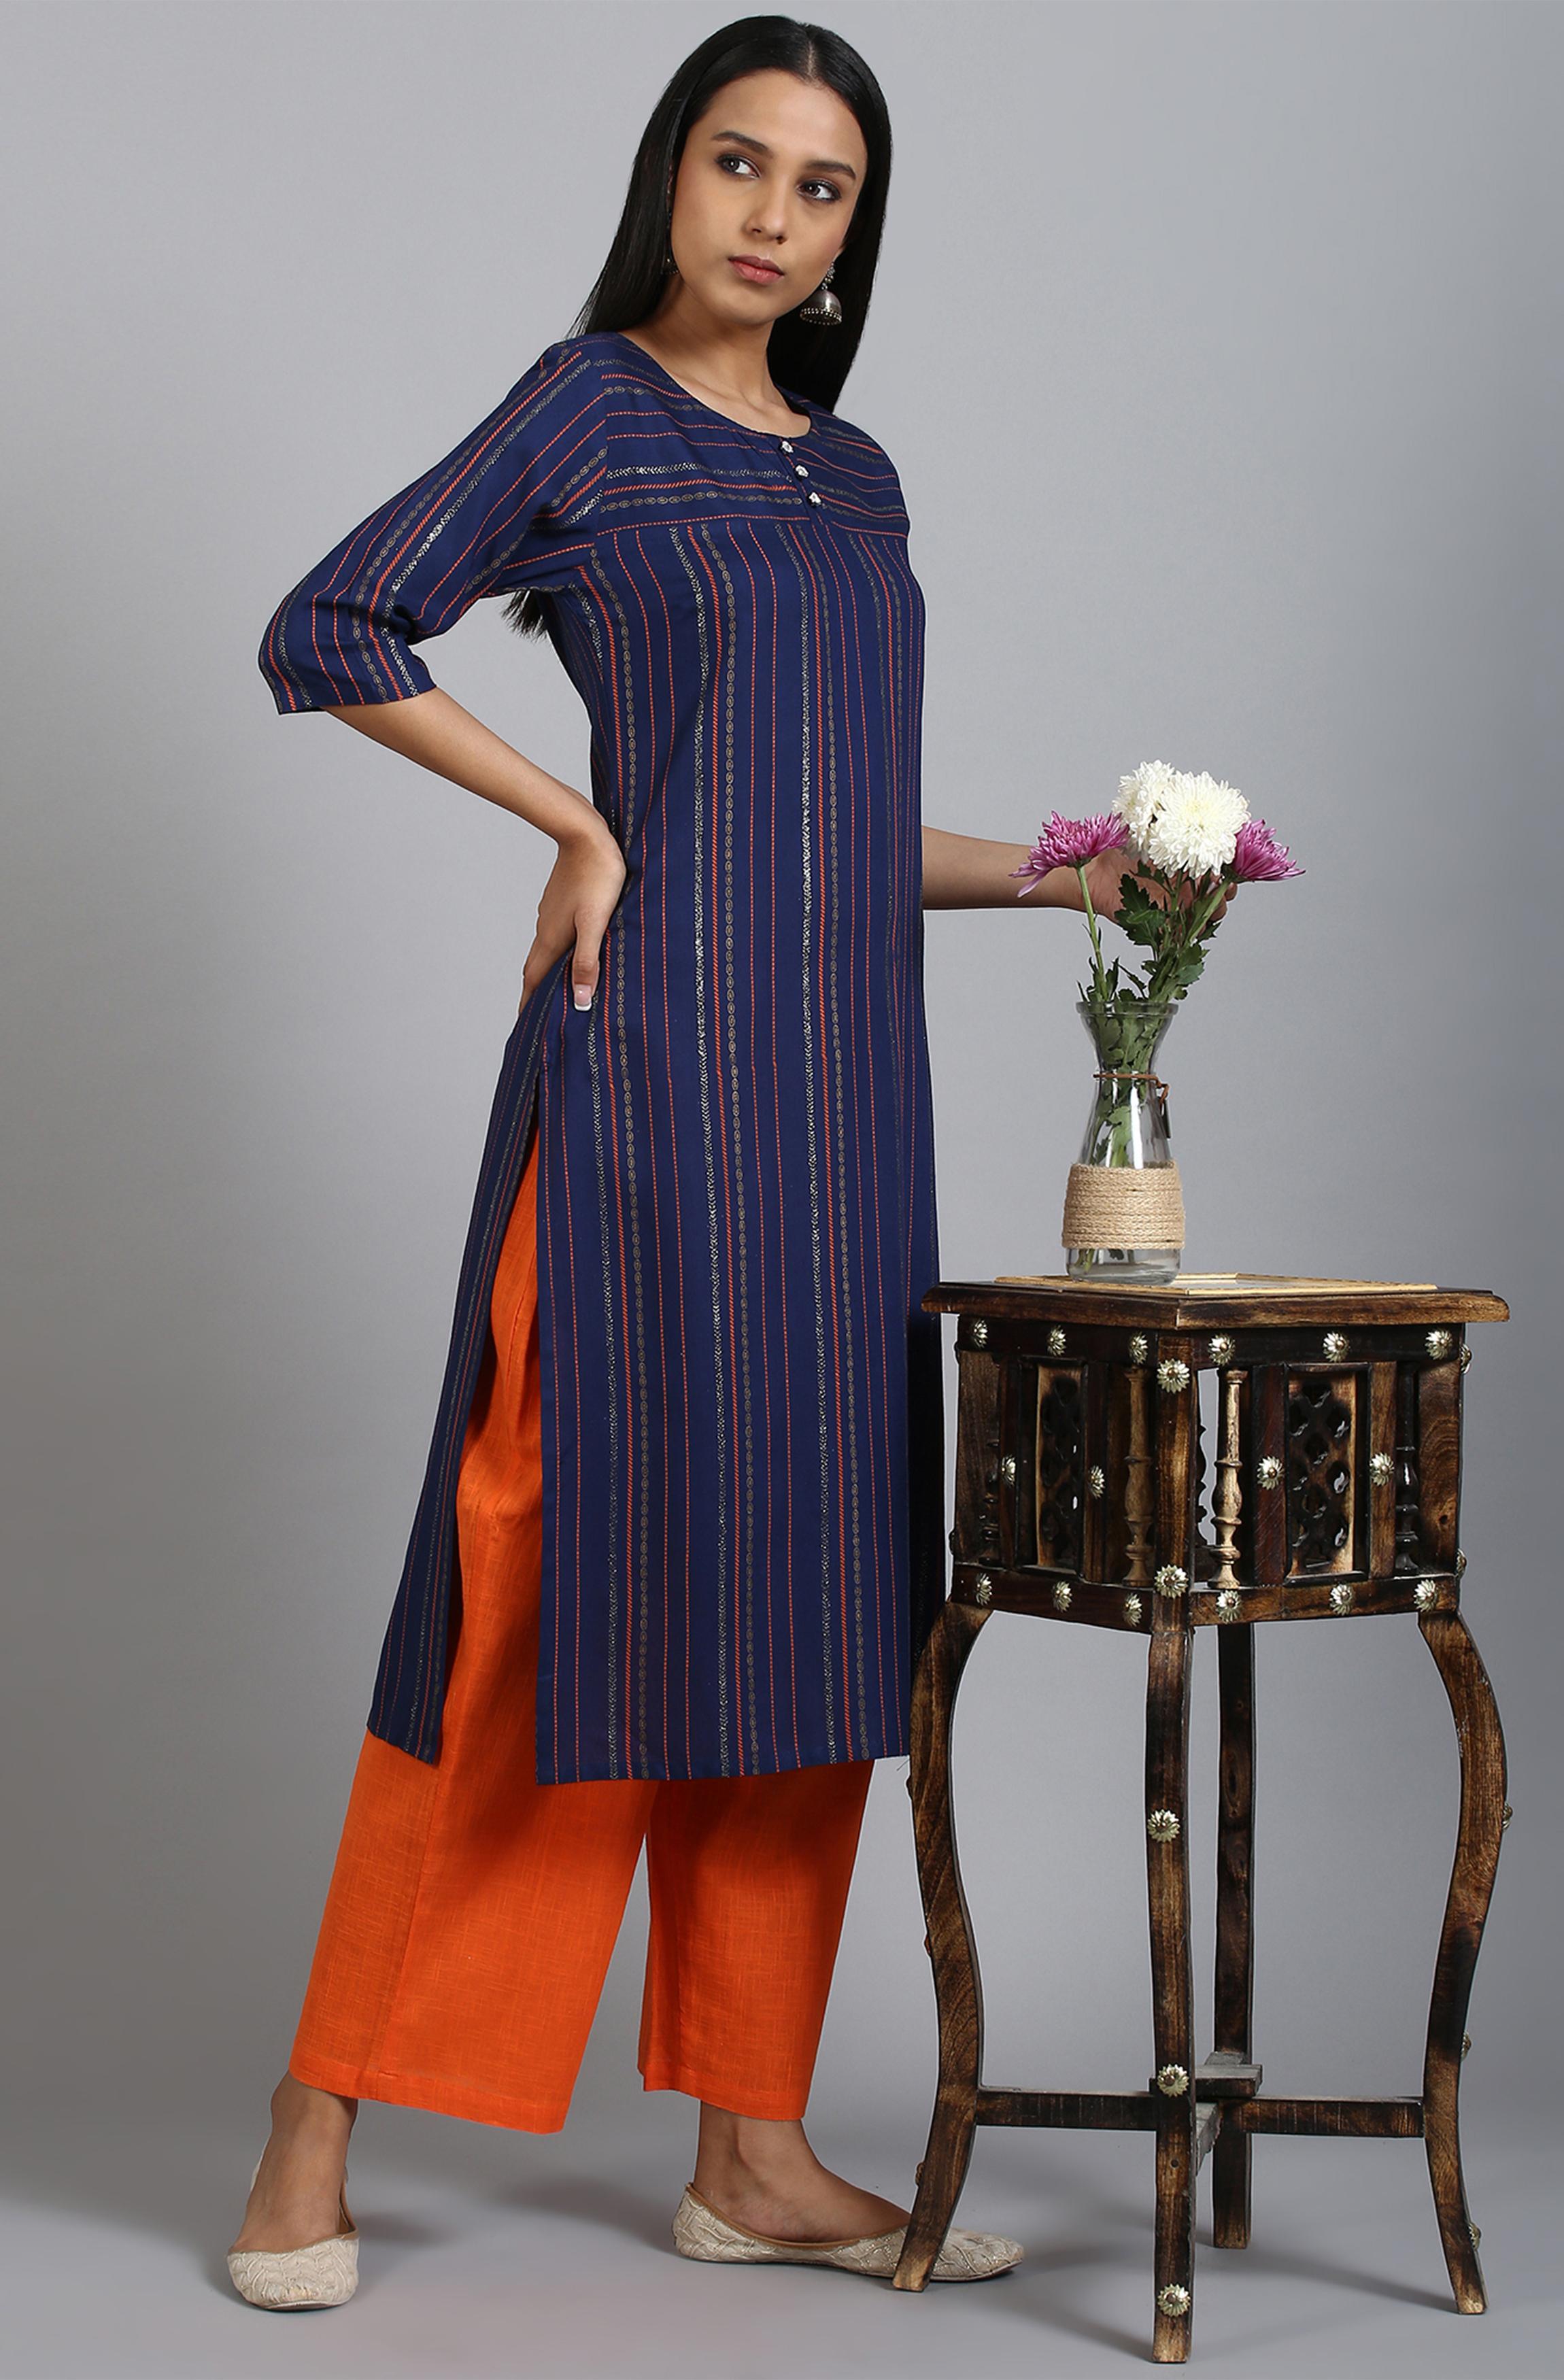 Janasya | Janasya Women's Blue Rayon Kurta With Palazzo